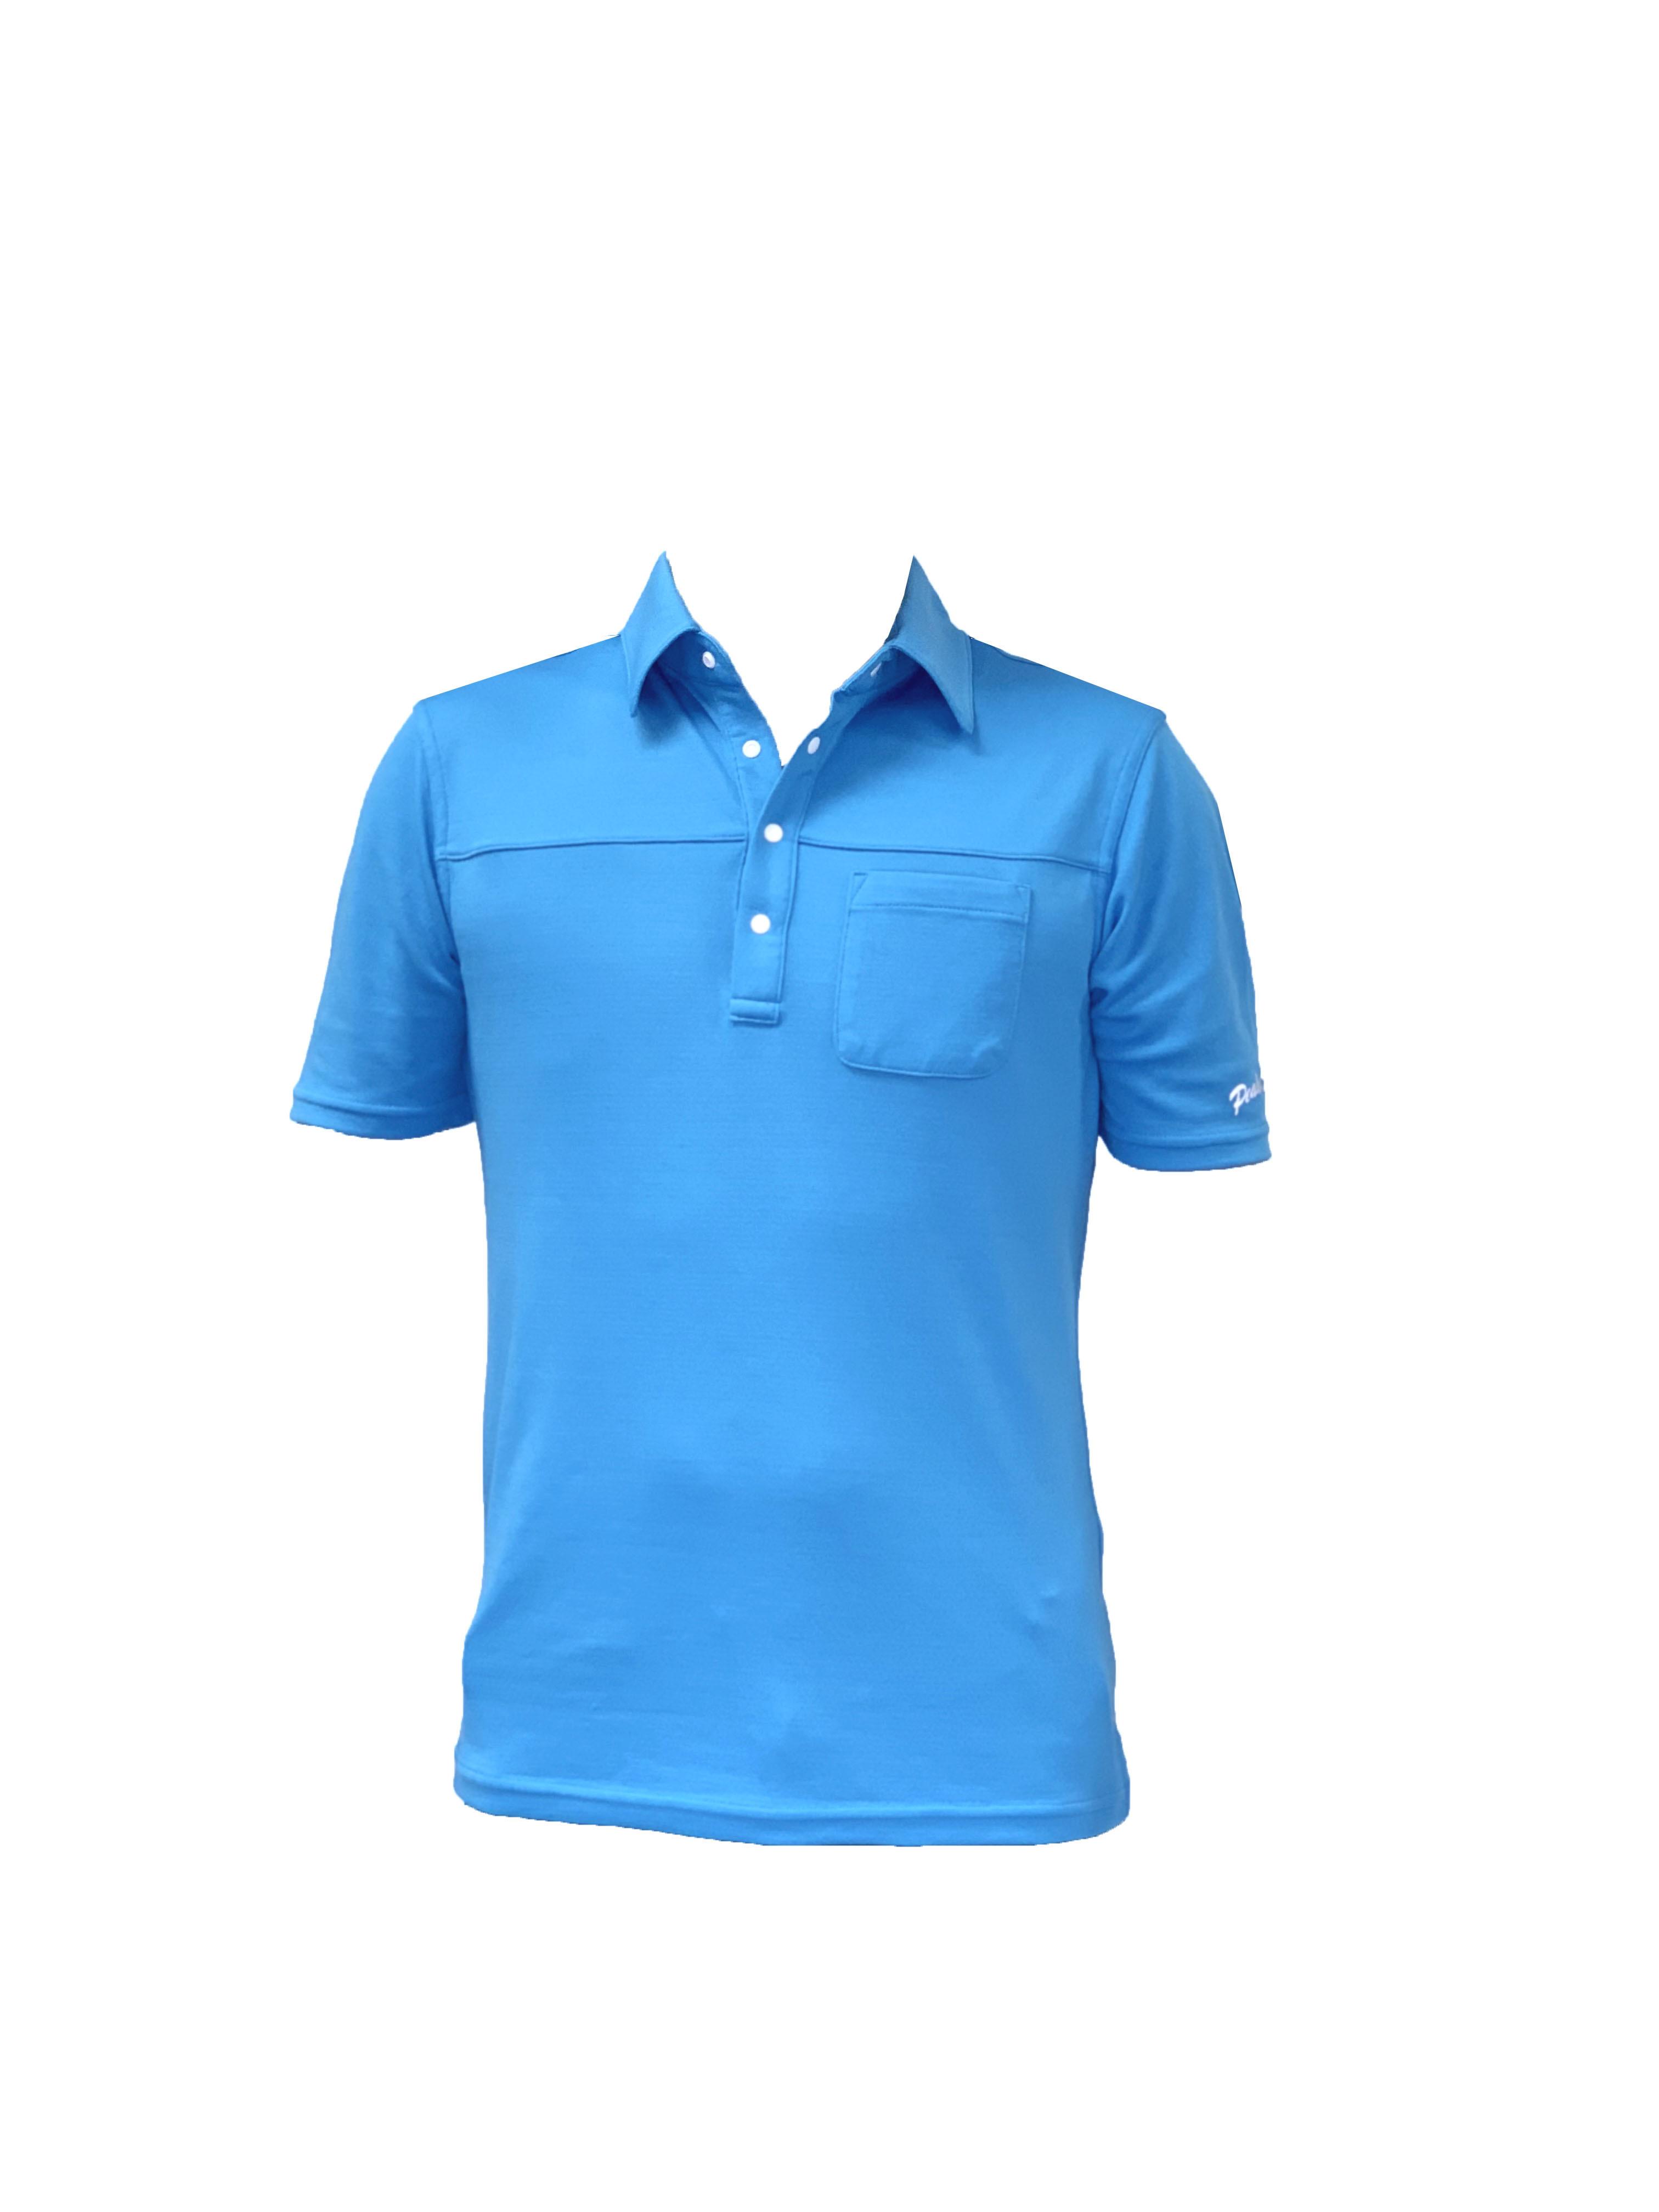 【期間限定2021年8月末まで】P819SS01 接触冷感 メンズポロシャツ(ブルー)